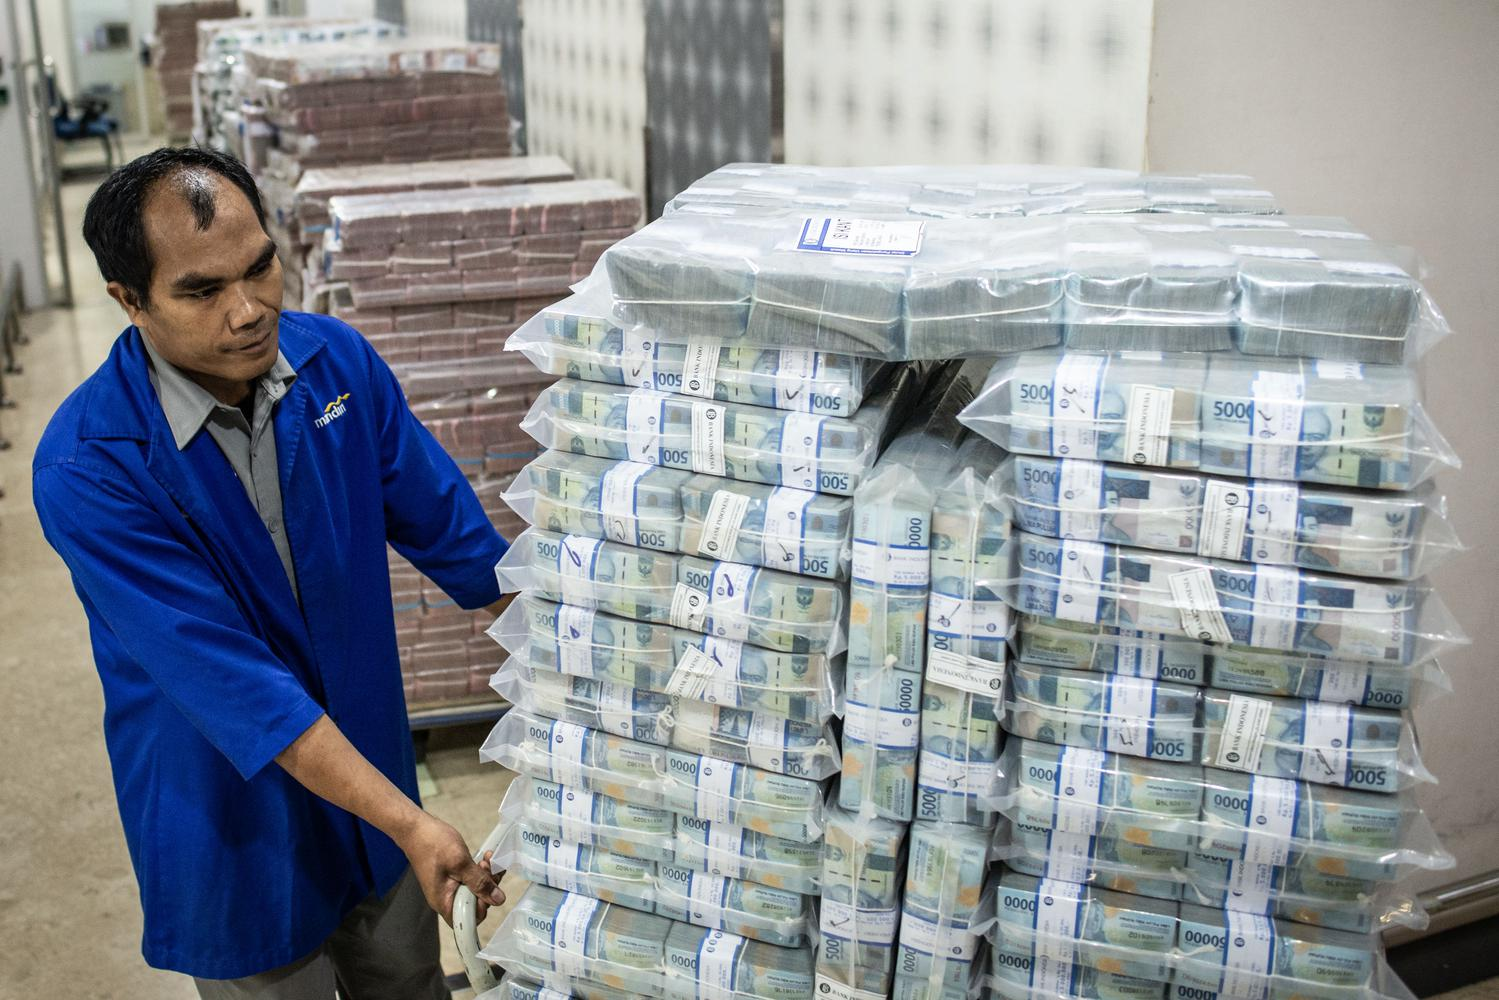 bi cetak uang, pandemi corona, anggaran pemulihan ekonomi, utang pemerintah